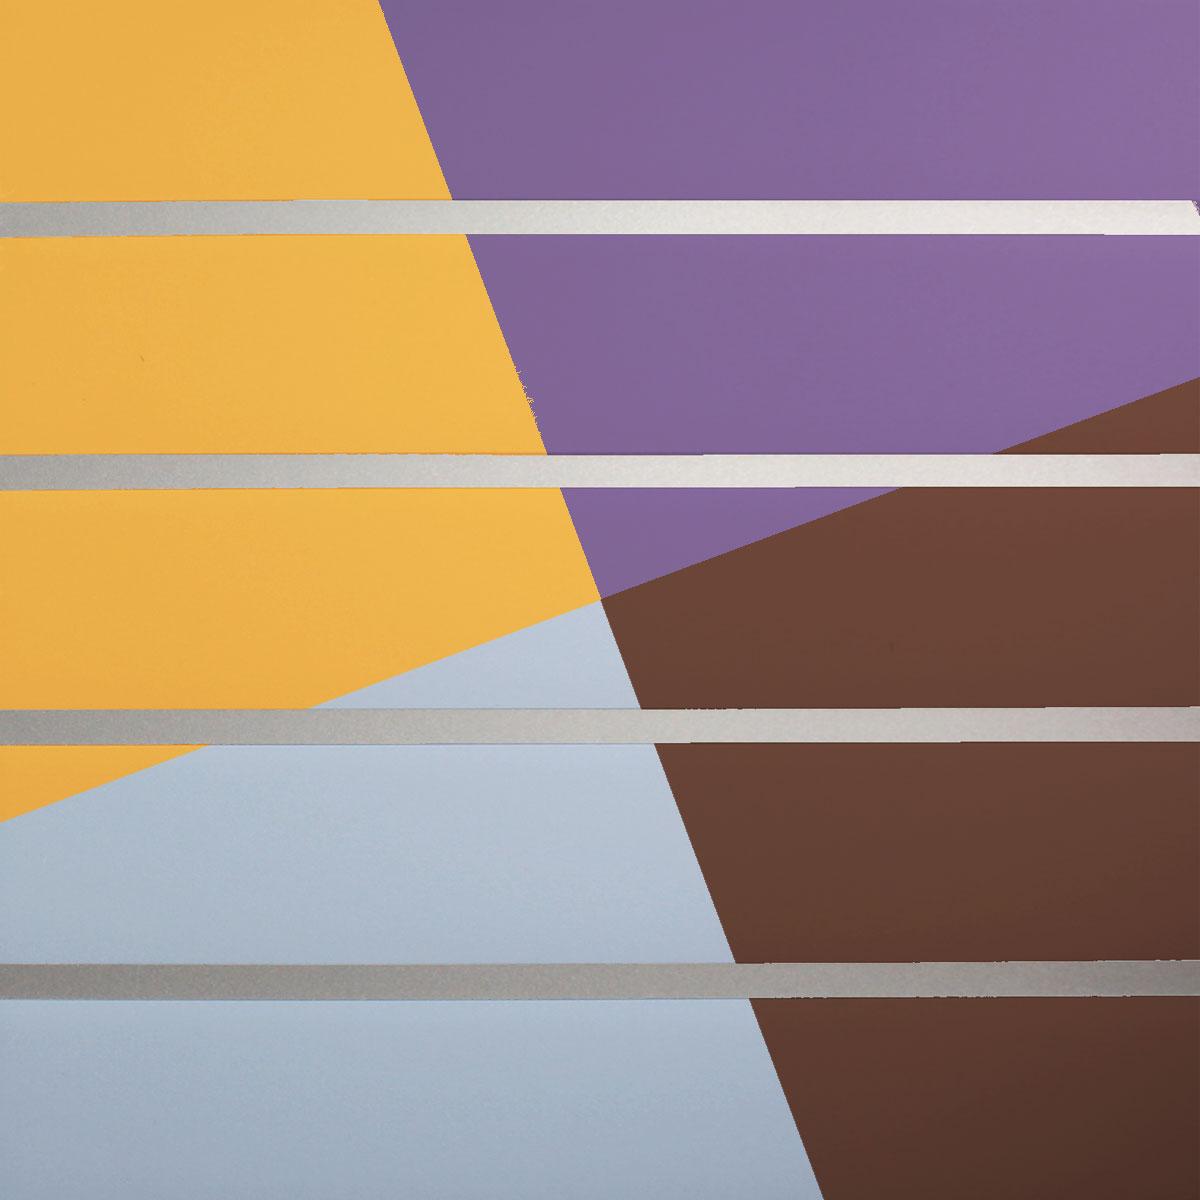 Sample Of Horizontal Line Pattern On Sandblast